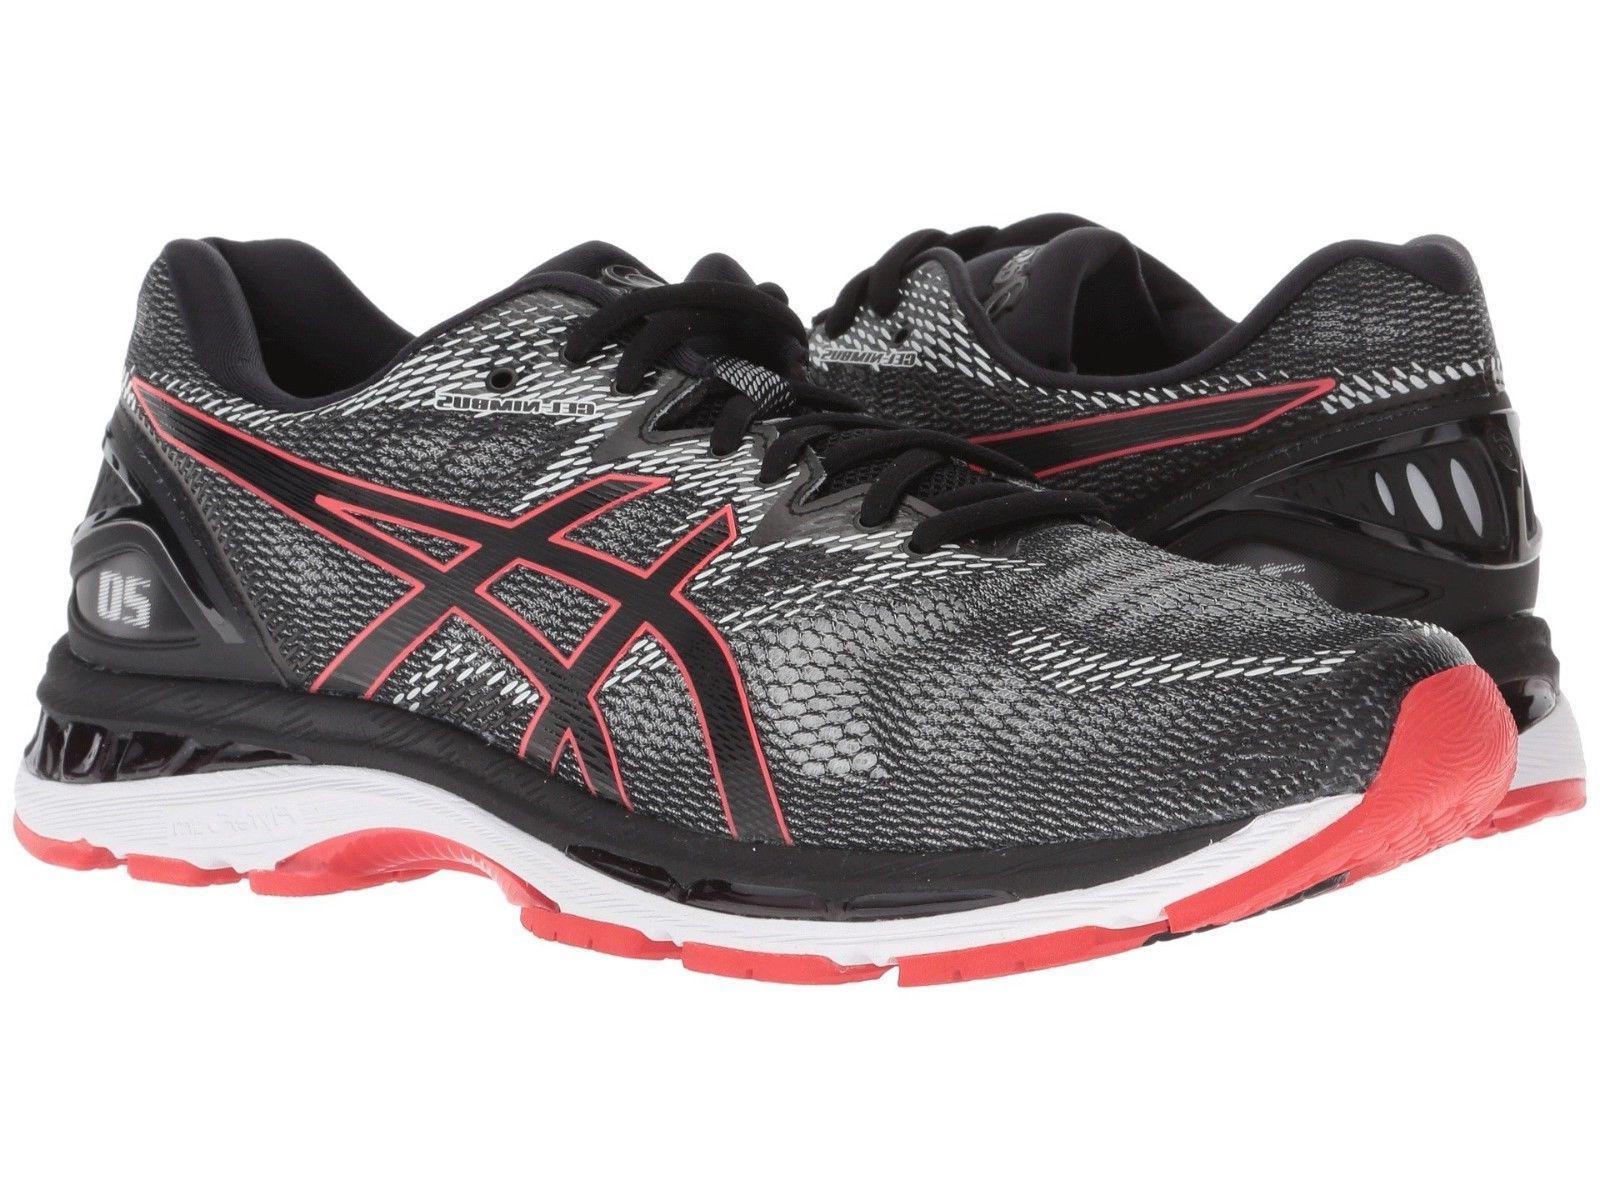 Asics - Men Gel Nimbus 20 Running Sneakers, Black/Red Alert